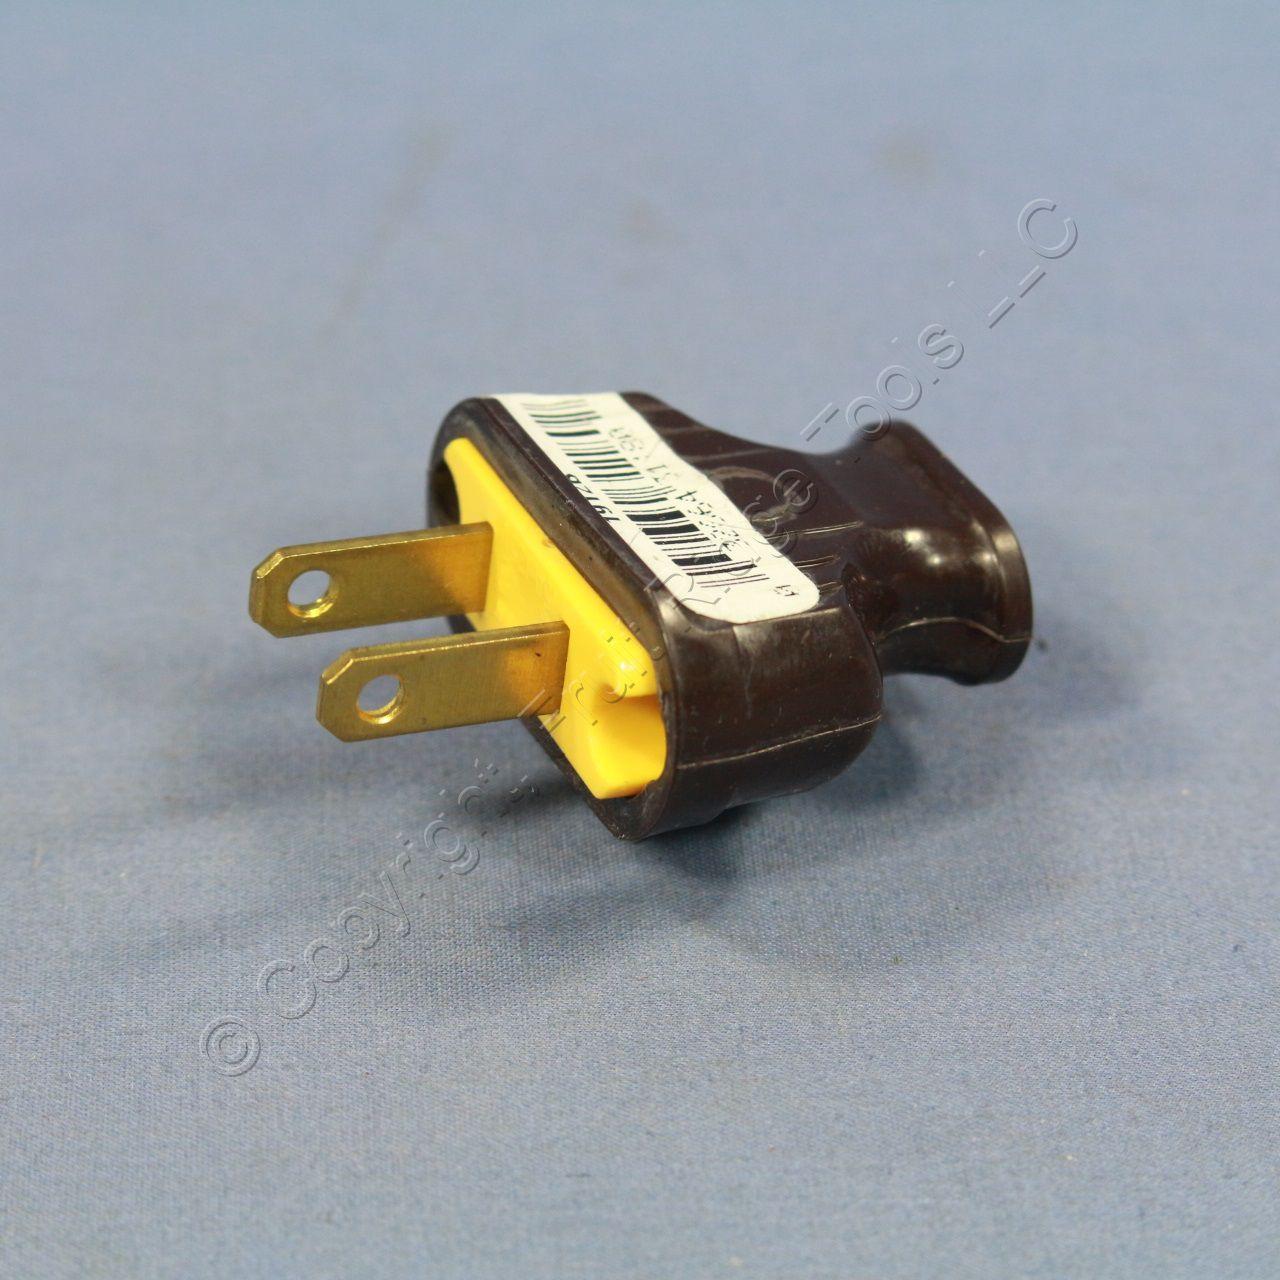 Pass & Seymour Brown Non-Polarized Plug Cord End 15A 125V NEMA 1-15P ...